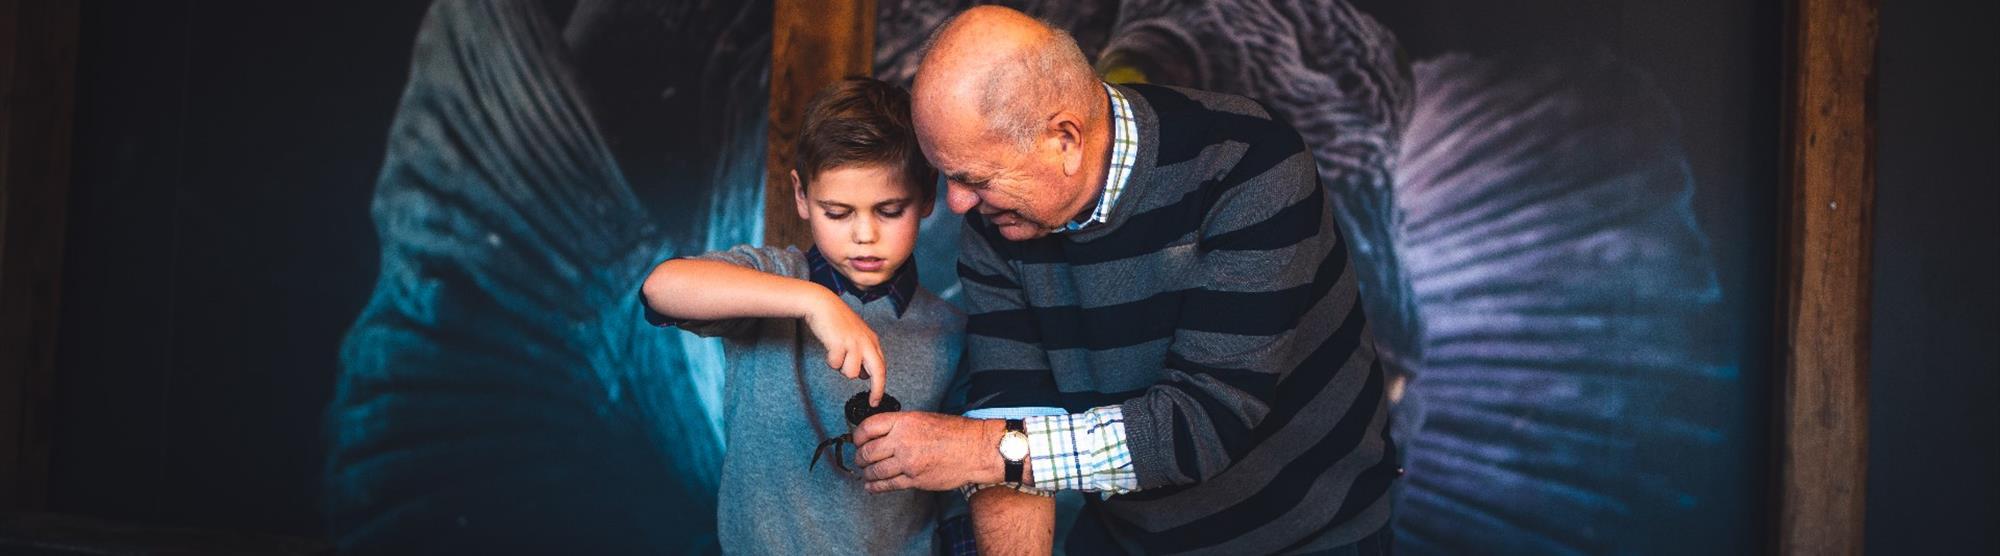 Grandfather and boy at Bergen Aquarium